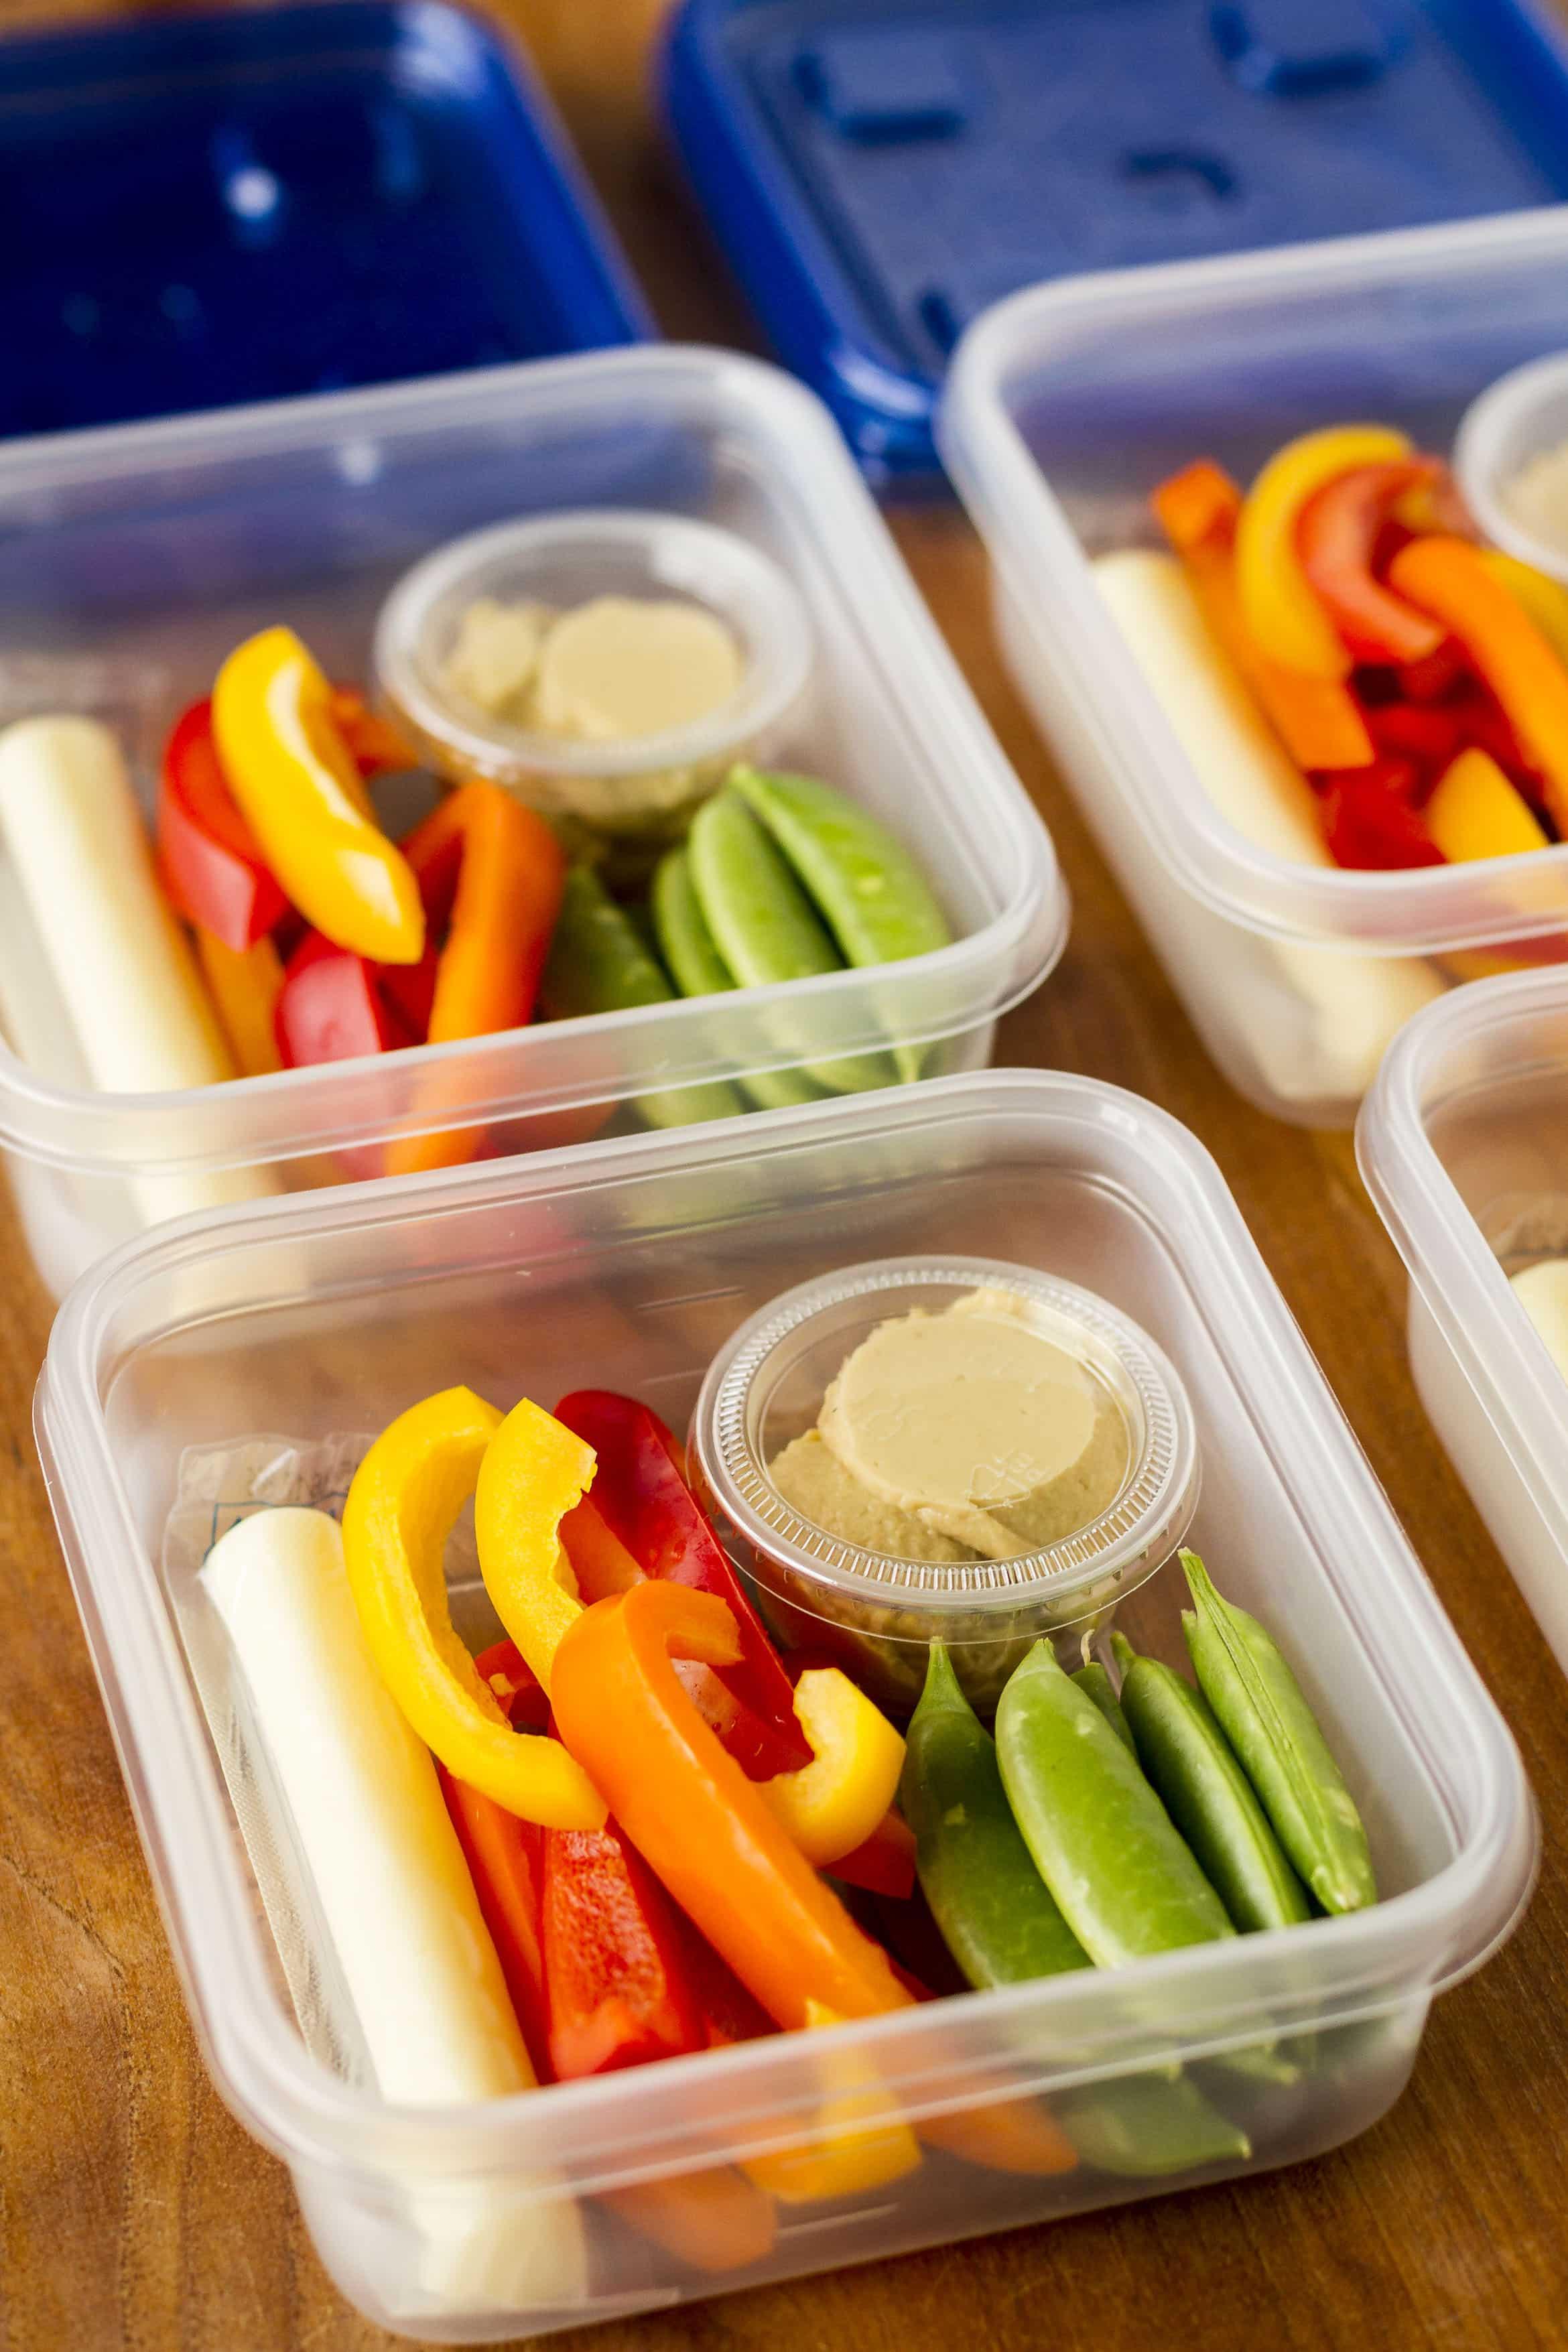 Veggies & Hummus Snack Box